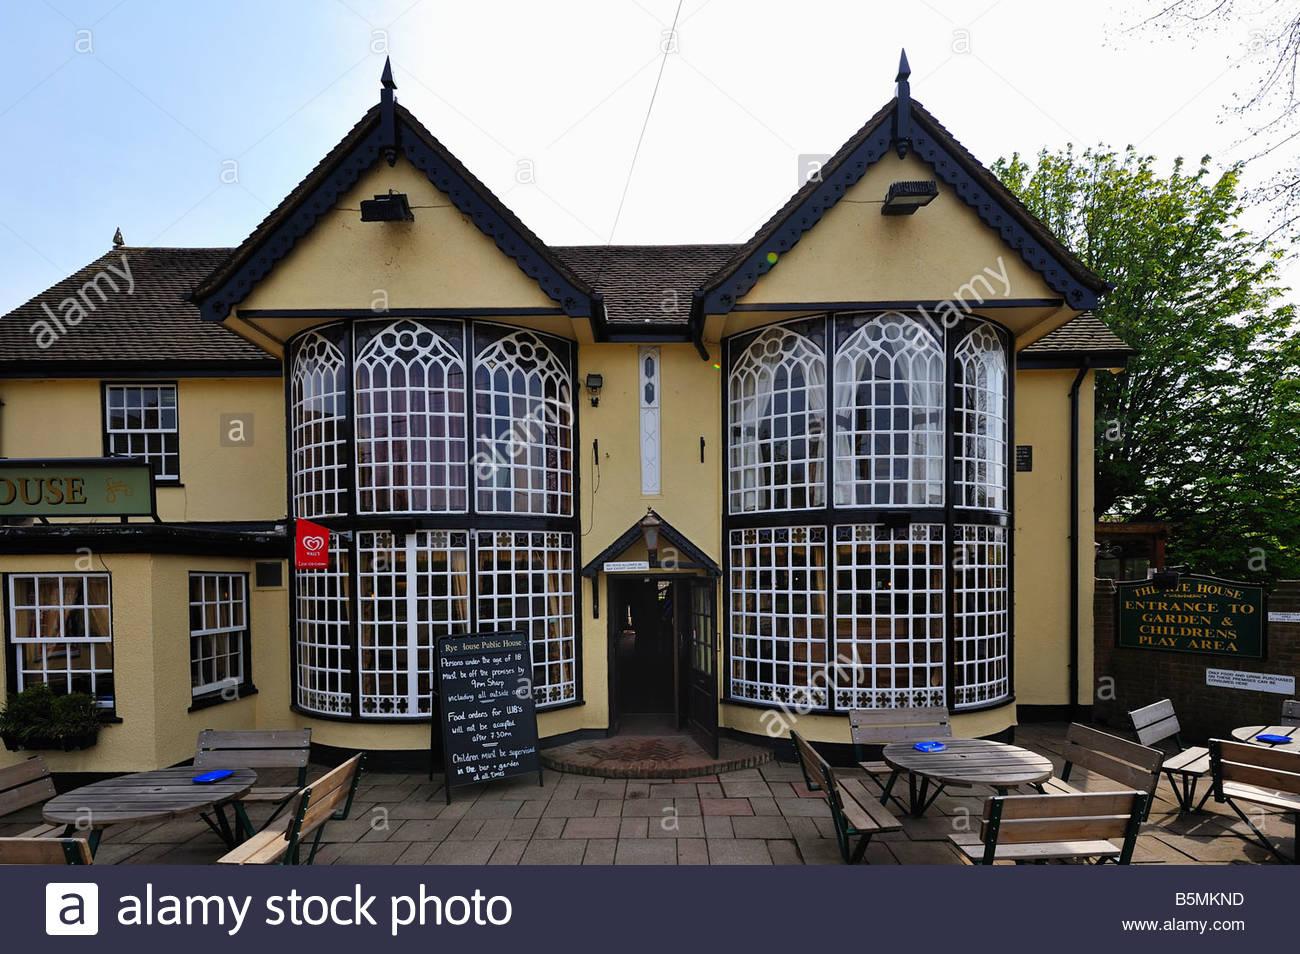 La maison du seigle, un pub et un restaurant à la maison du seigle, Hoddesdon. Photo Stock